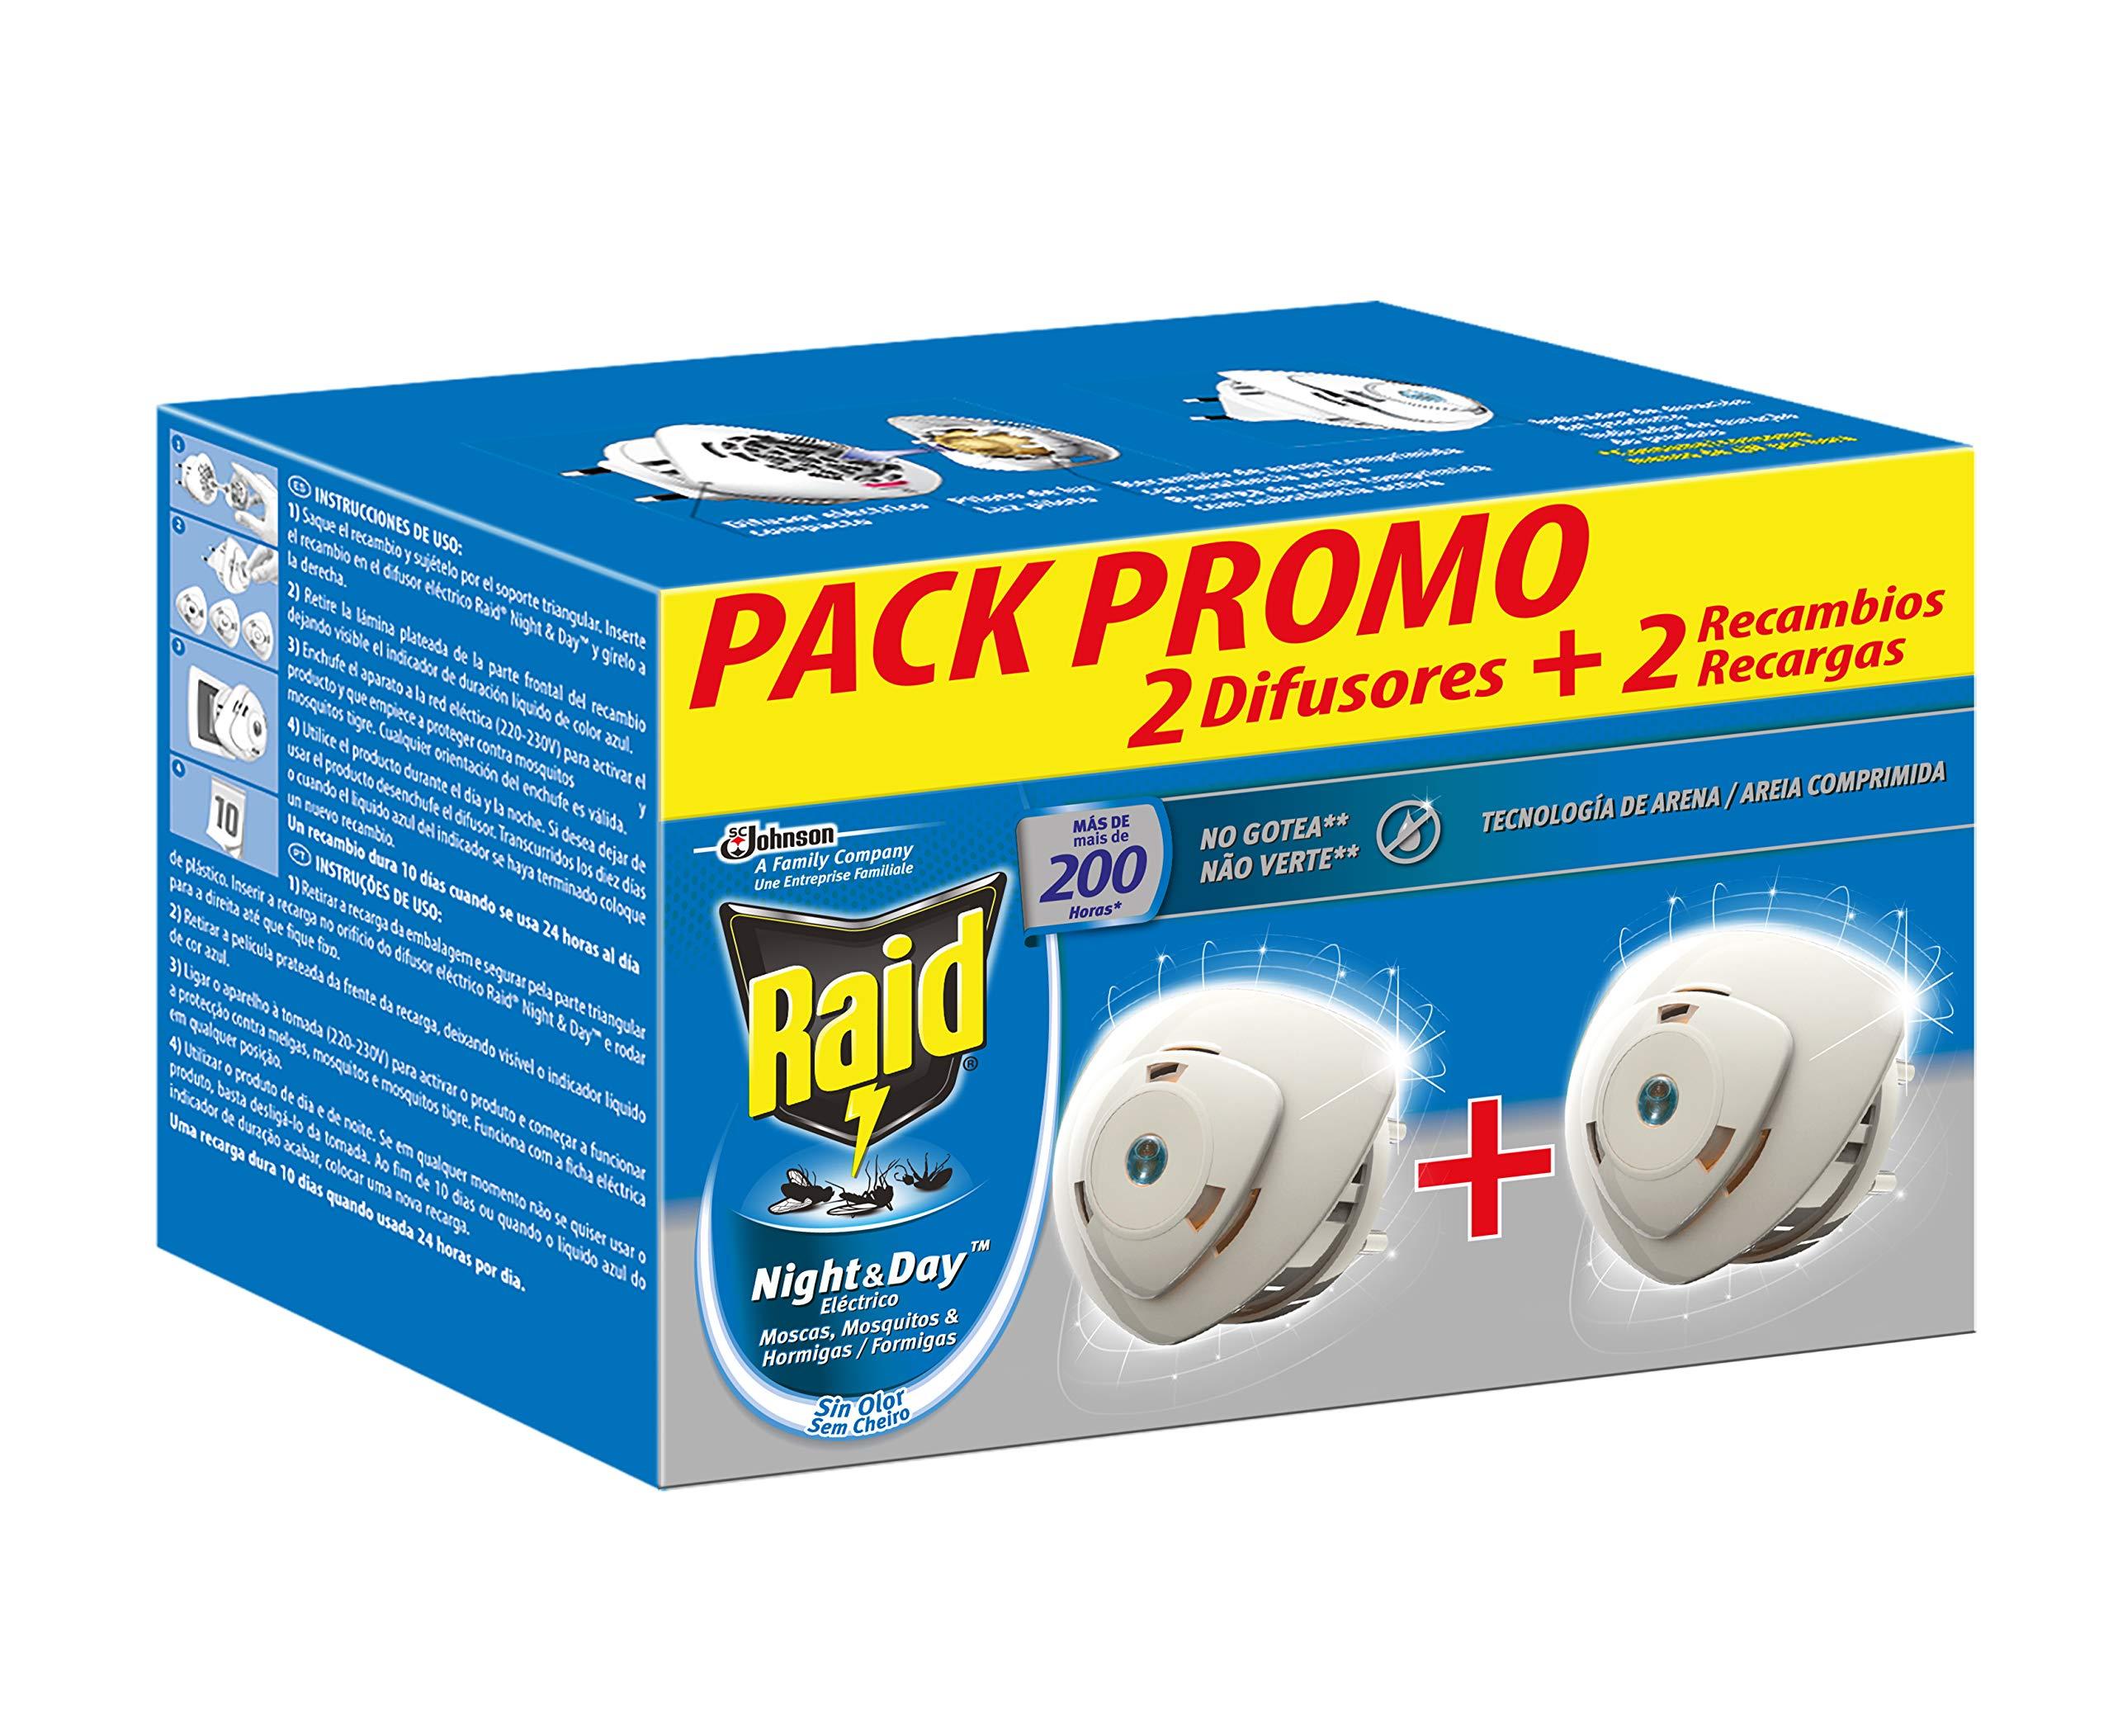 Raid ® Night & Day - Pack 2 Aparato electrico anti moscas, mosquitos común y tigre, y hormigas. Enchufe inoloro con más de 200 horas de protección. Incluye 2 Difusor y 2 Recambio